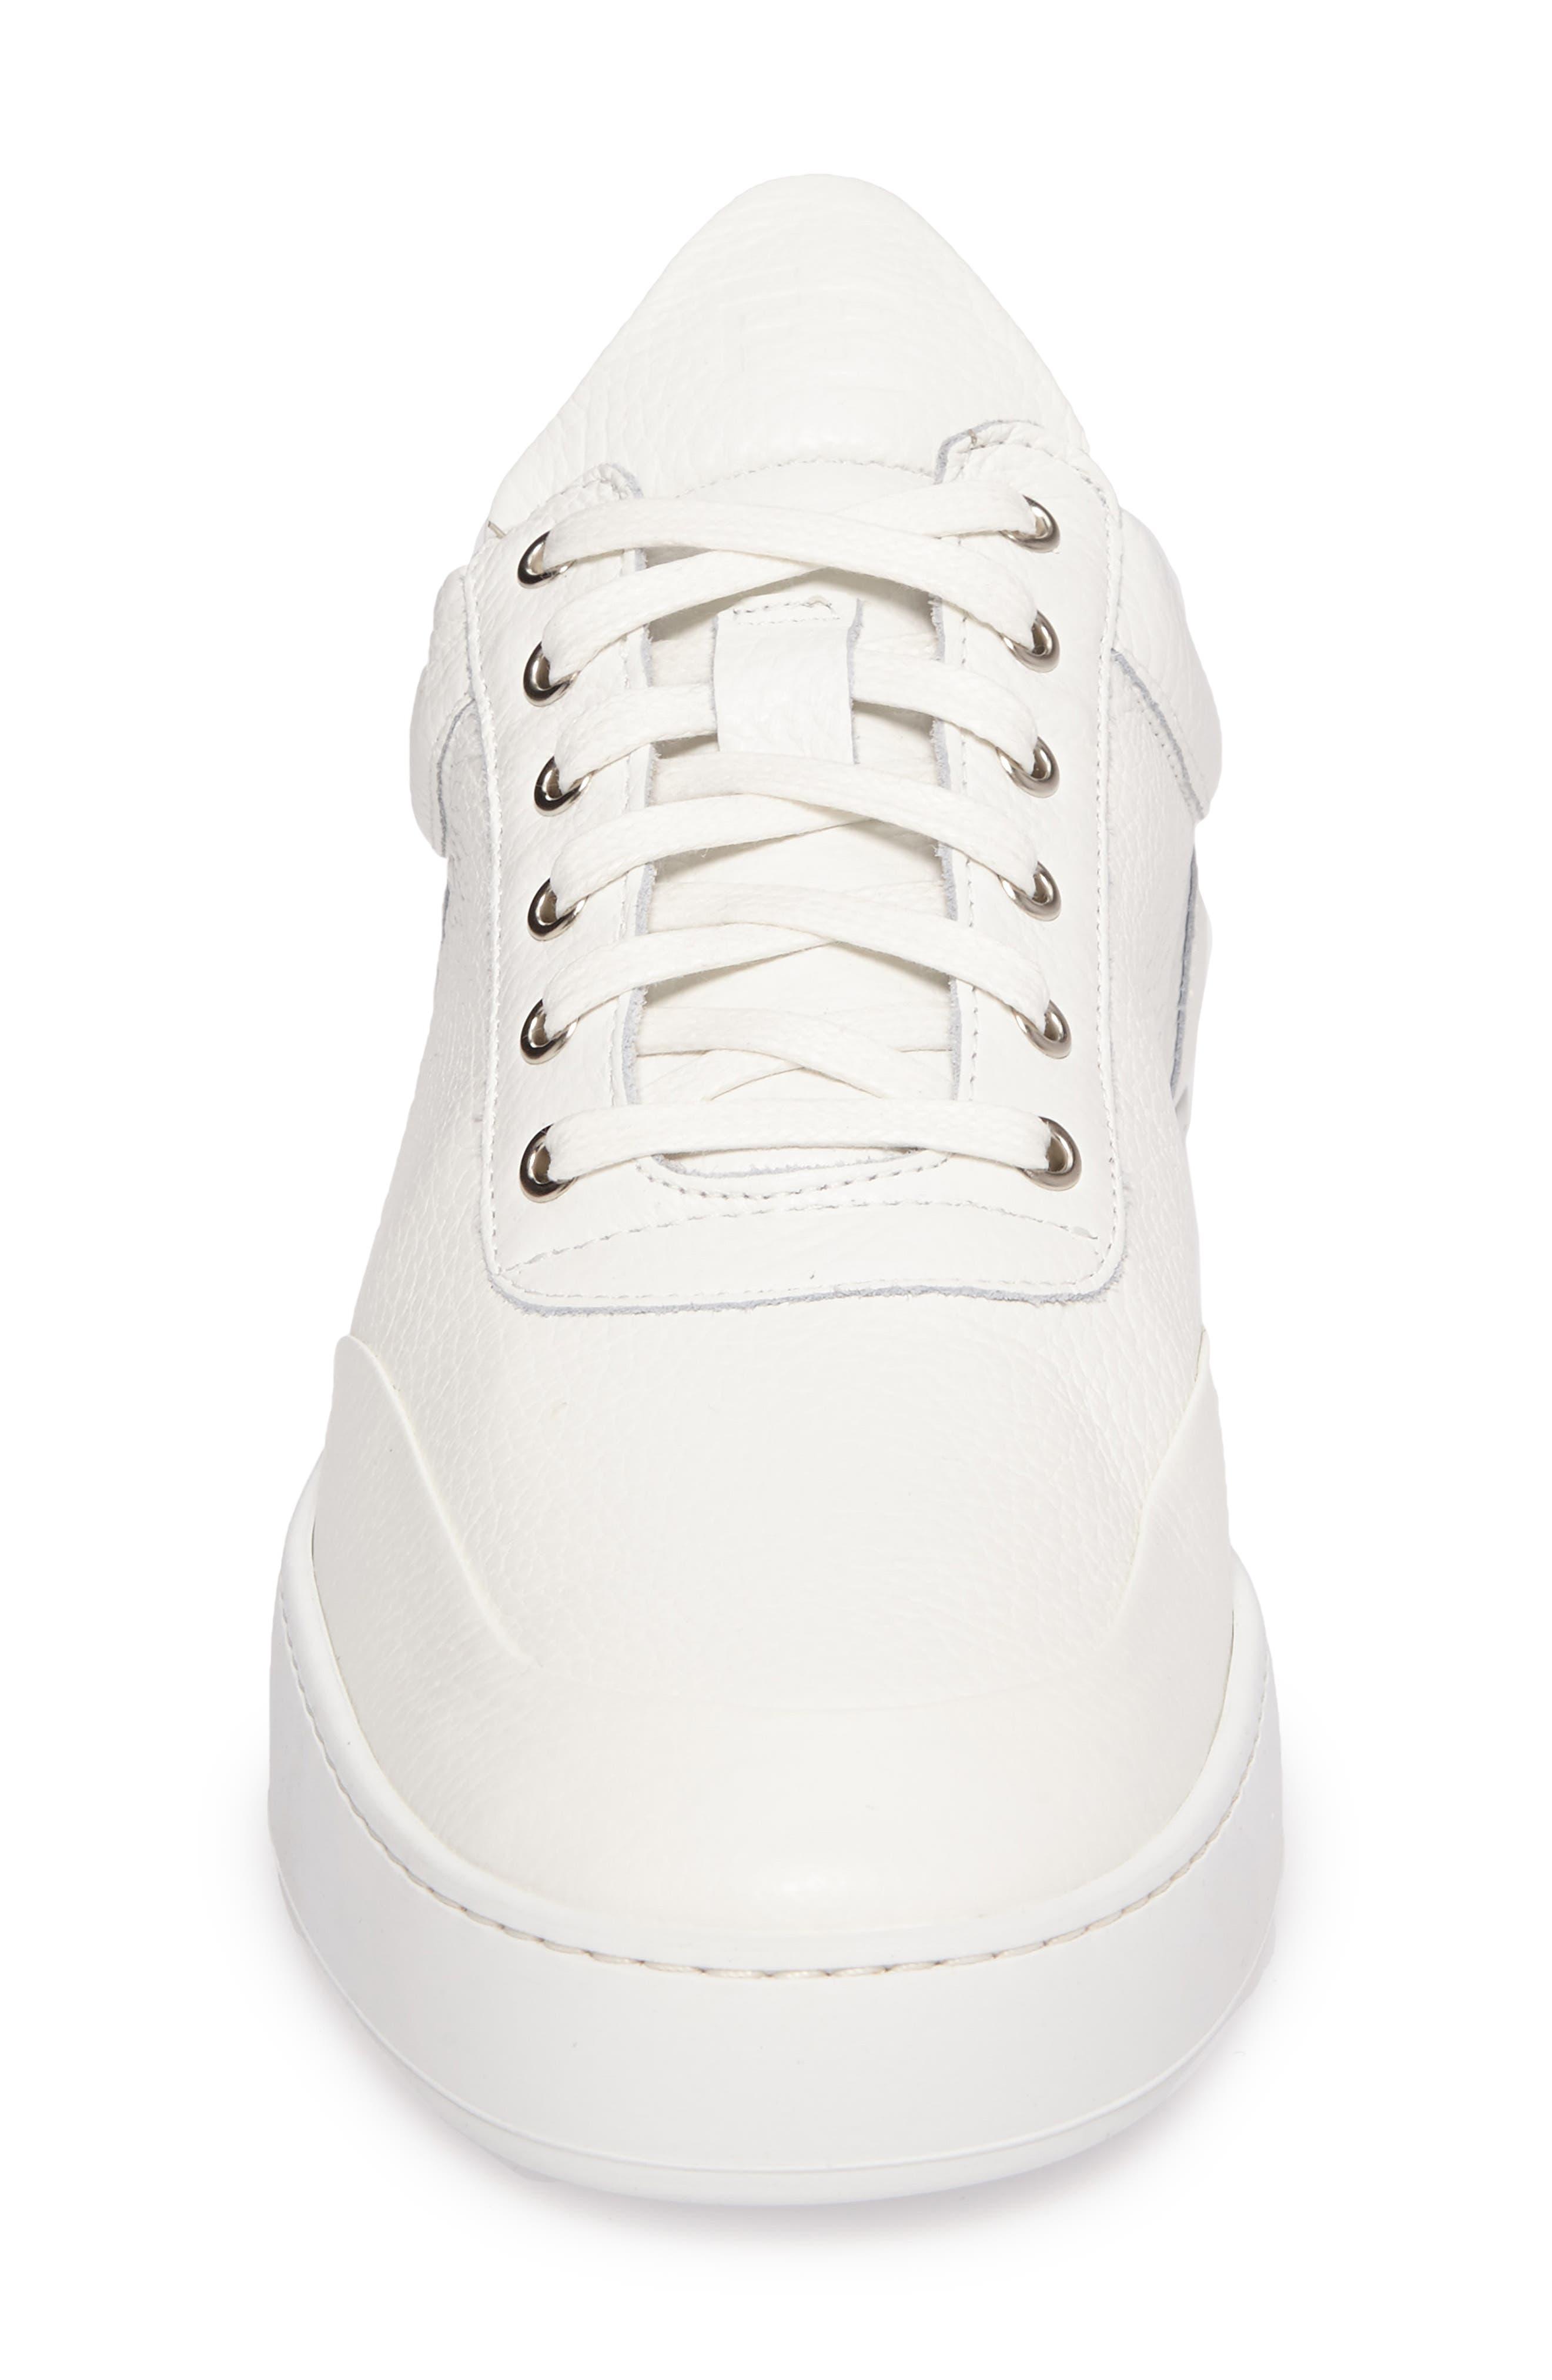 Low Top Sneaker,                             Alternate thumbnail 4, color,                             100